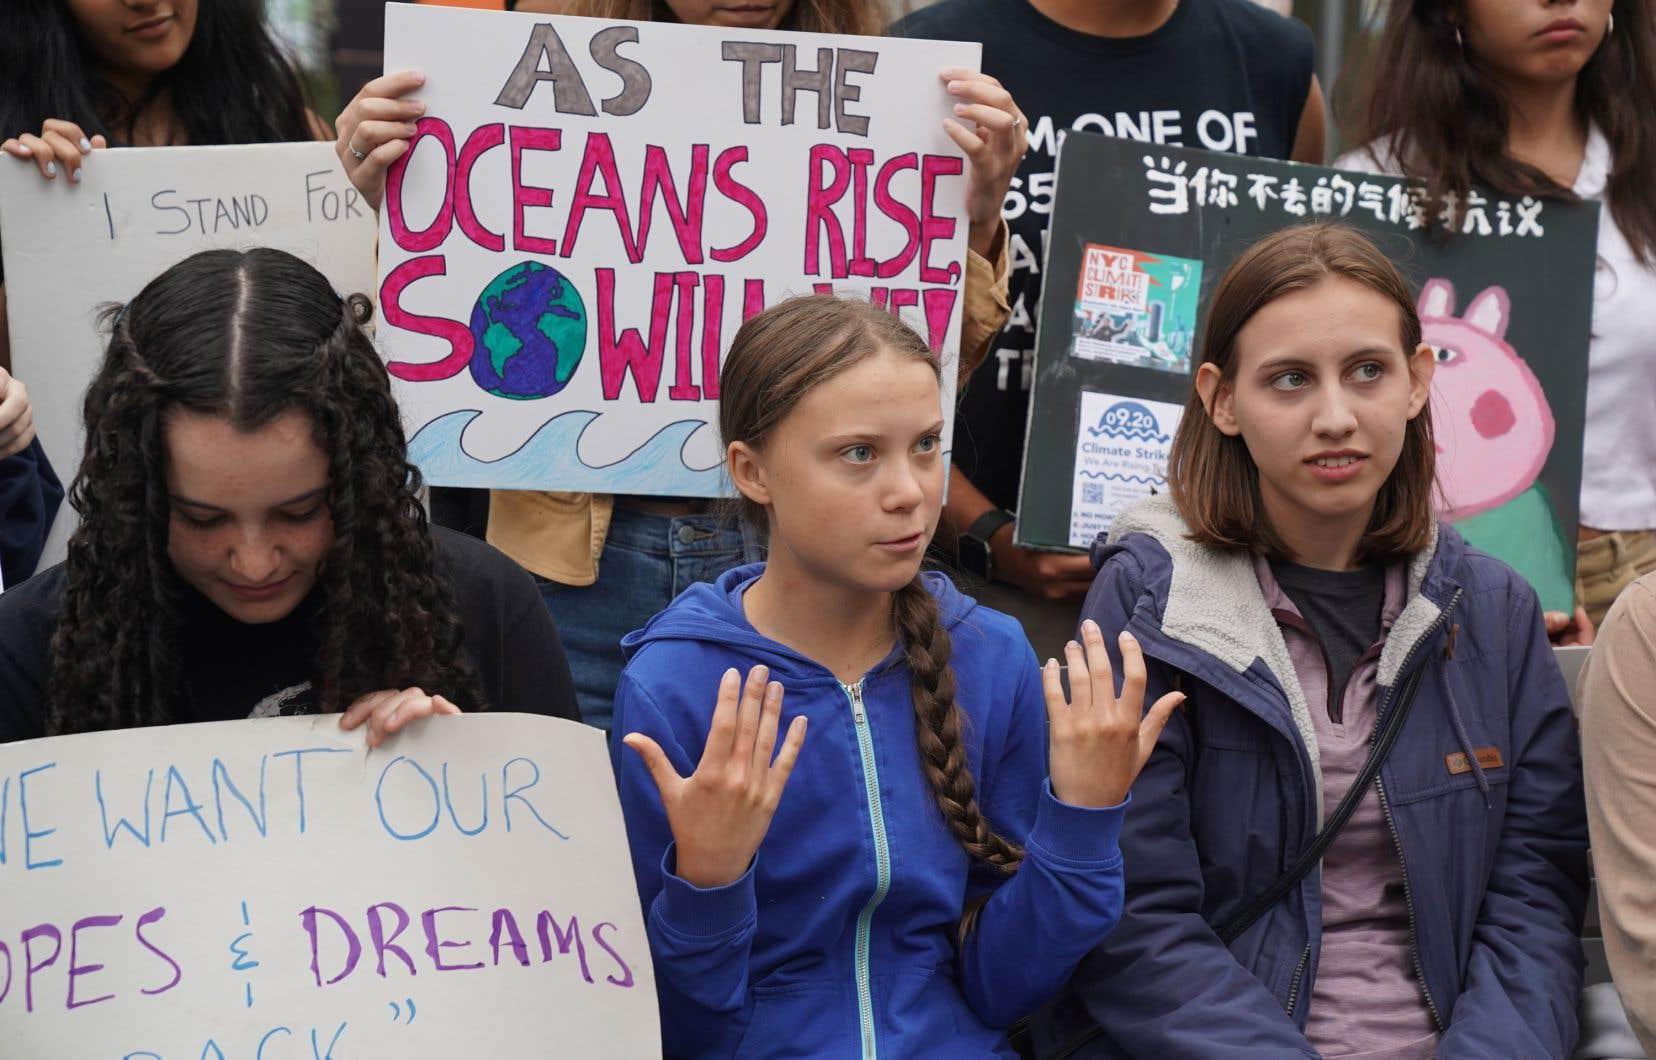 Présentement à New York, la jeune militante a déjà indiqué qu'elle souhaitait participer à la manifestation prévue le 27 septembre à Montréal.